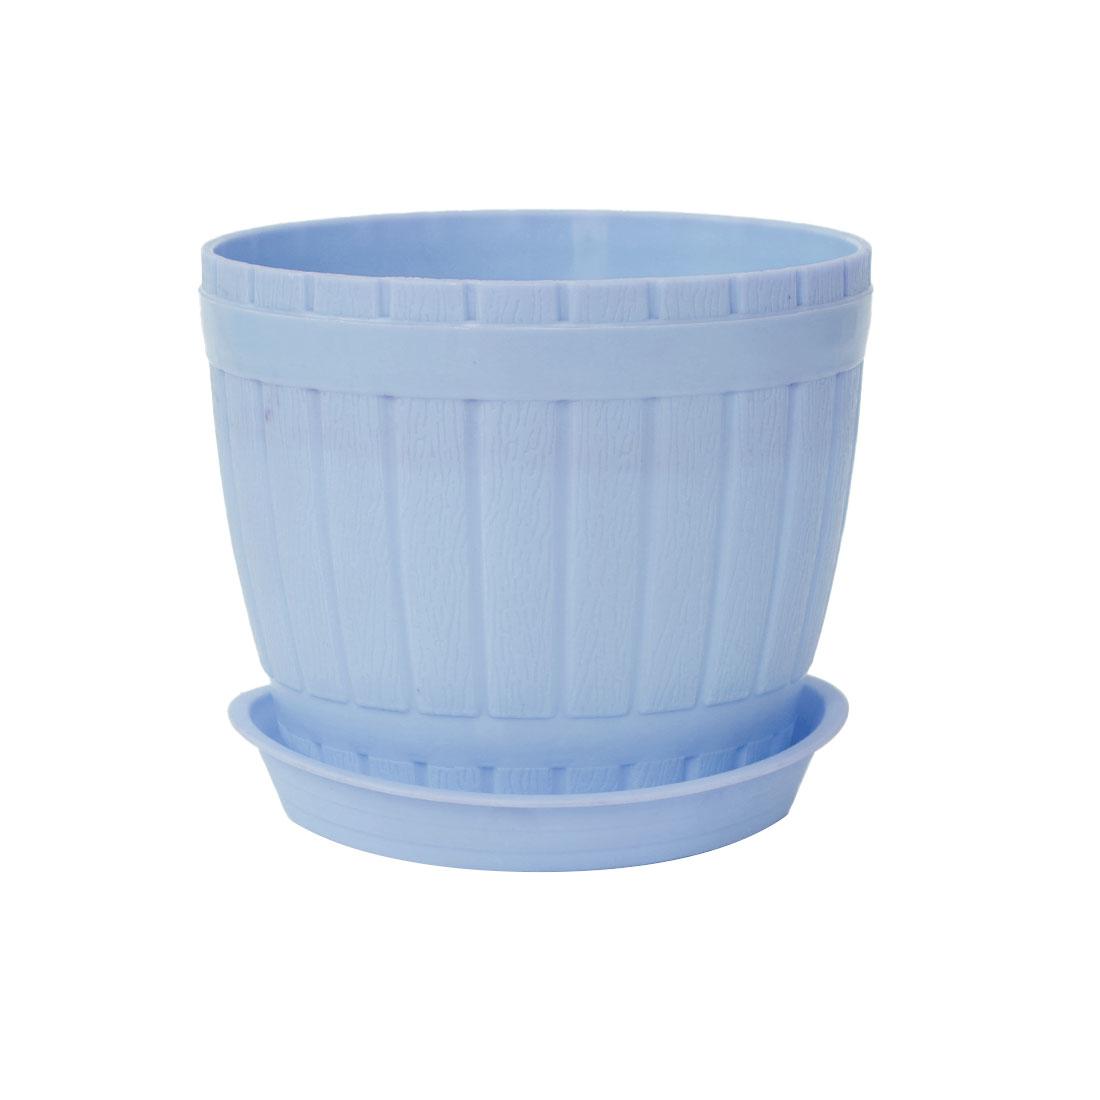 Home Garden Office Hotel Desk Plastic Plant Flower Pot Holder Light Blue w Tray